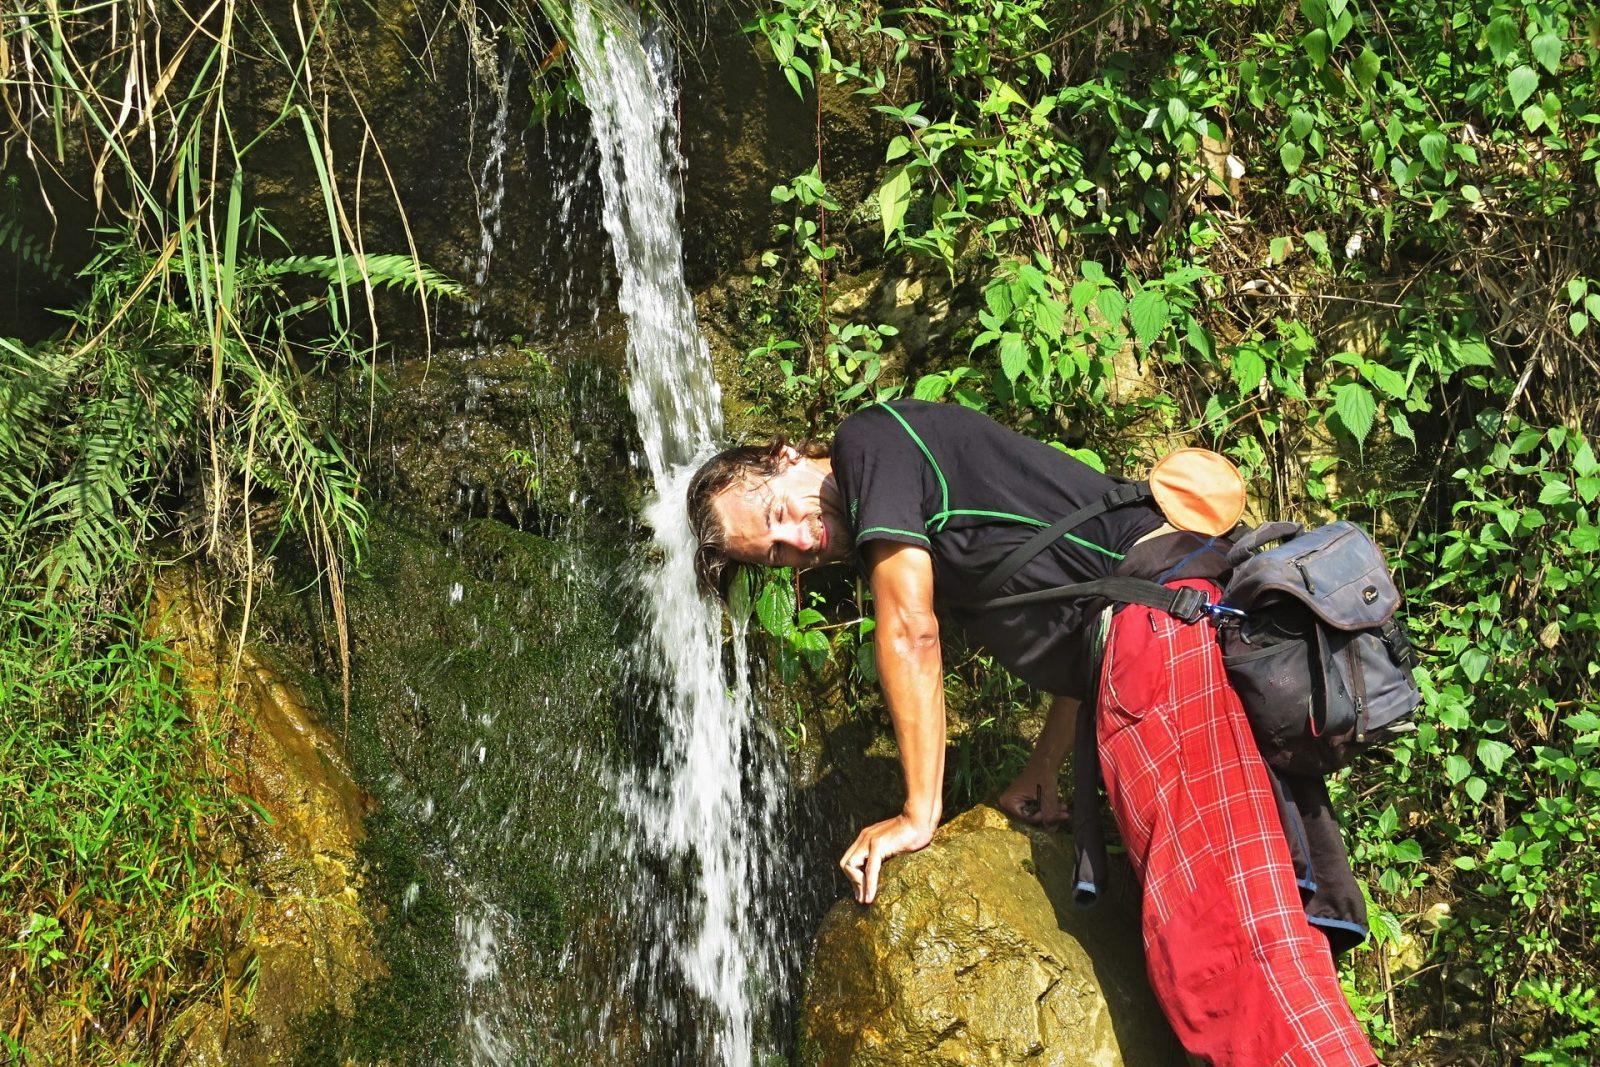 Když je vedro a nejde skočit někam do vody celý, je fajn si zchladit aspoň hlavu (Vietnam)